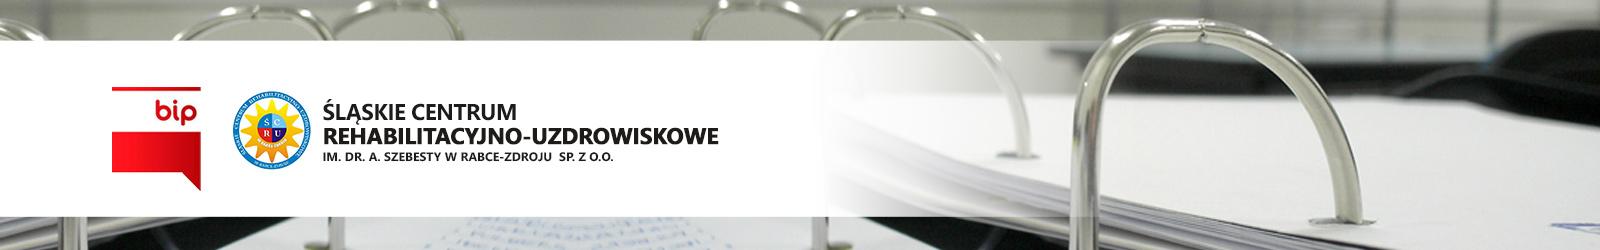 Baner BIP Śląskie Centrum Rehabilitacyjno – Uzdrowiskowe im. dr. A. Szebesty w Rabce – Zdroju Sp. z o.o.